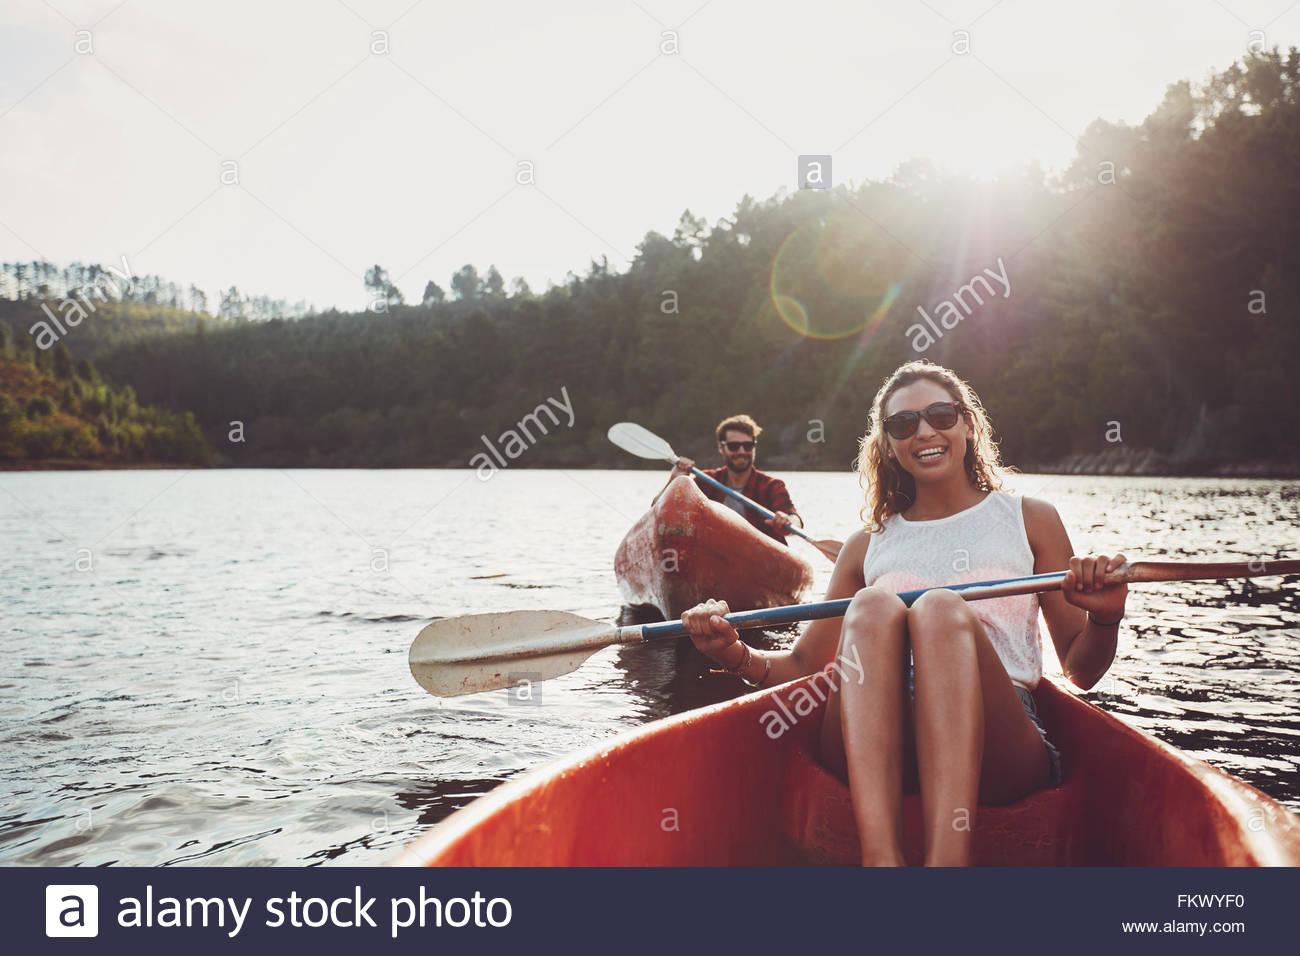 Feliz joven remando en un lago con su novio remando en la espalda. Feliz pareja joven canoa en verano. Imagen De Stock